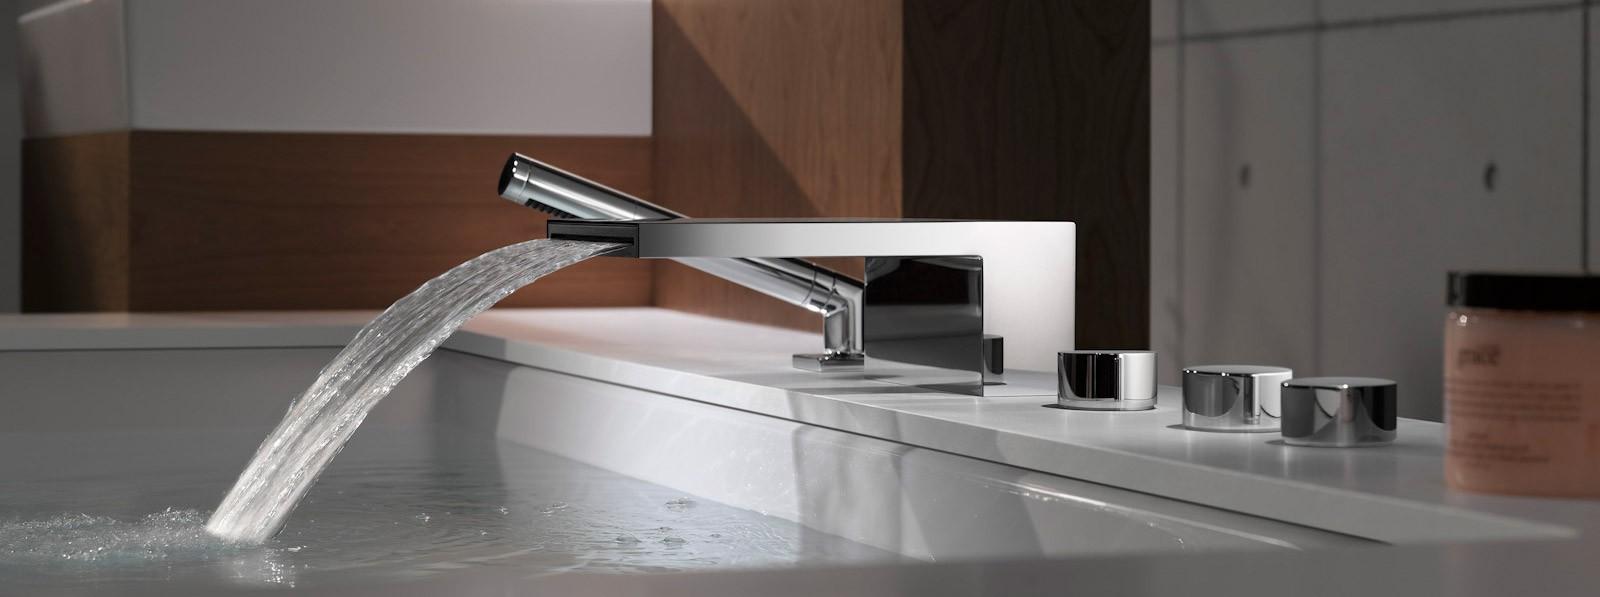 Outlet del Bagno – Qualità e design Italiano